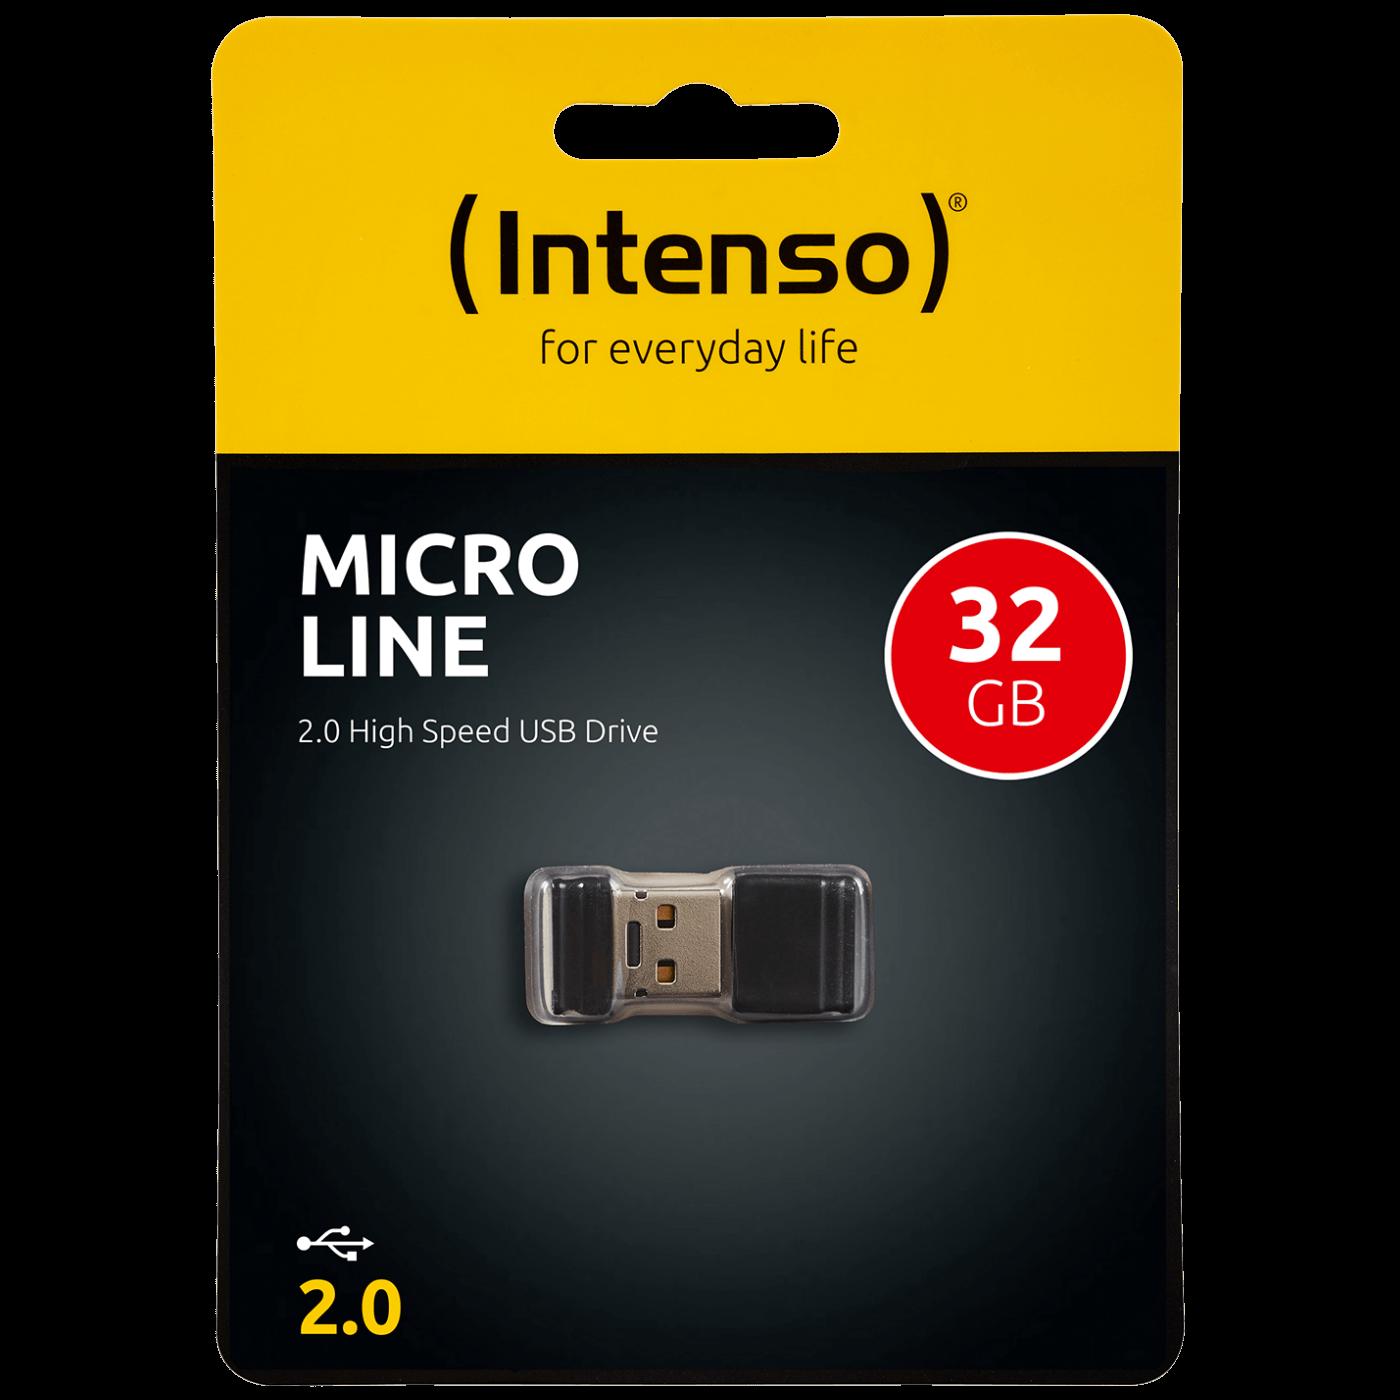 USB Flash drive 32GB Hi-Speed USB 2.0, Micro Line